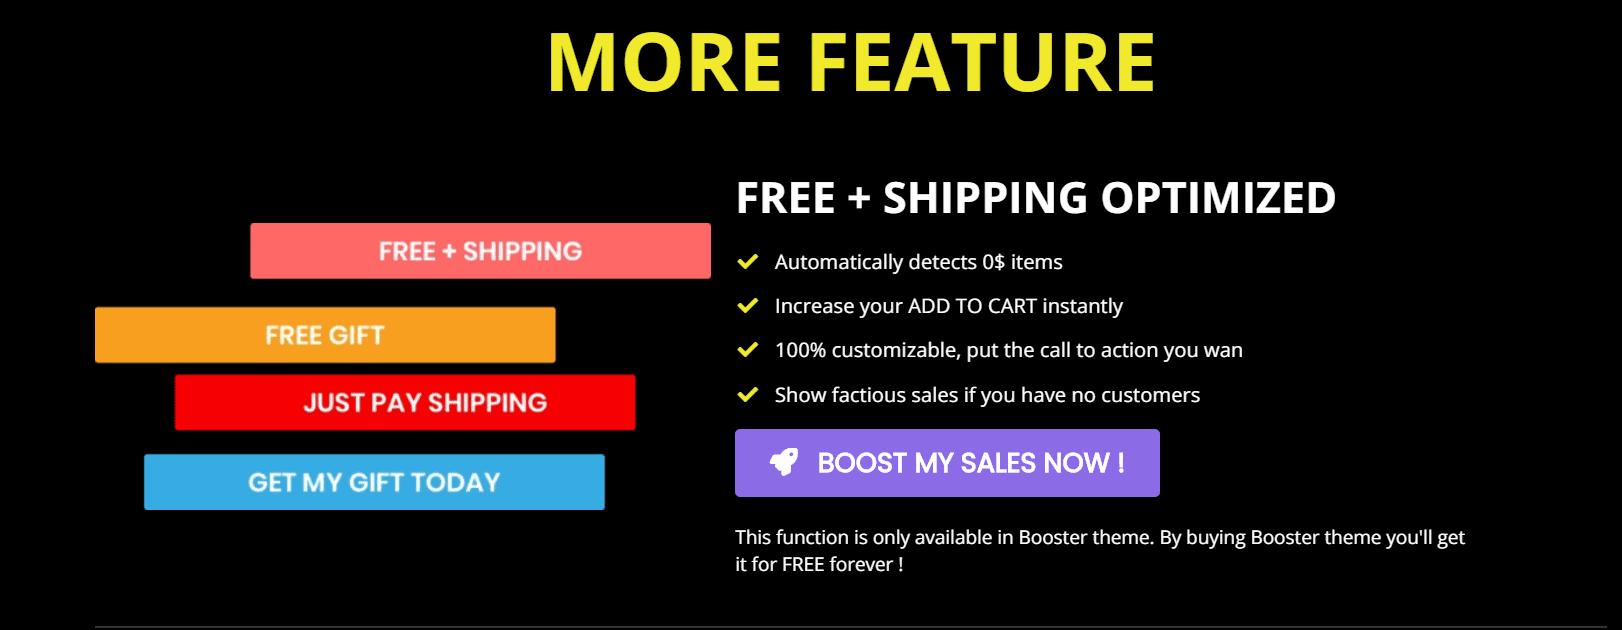 shopify booster theme